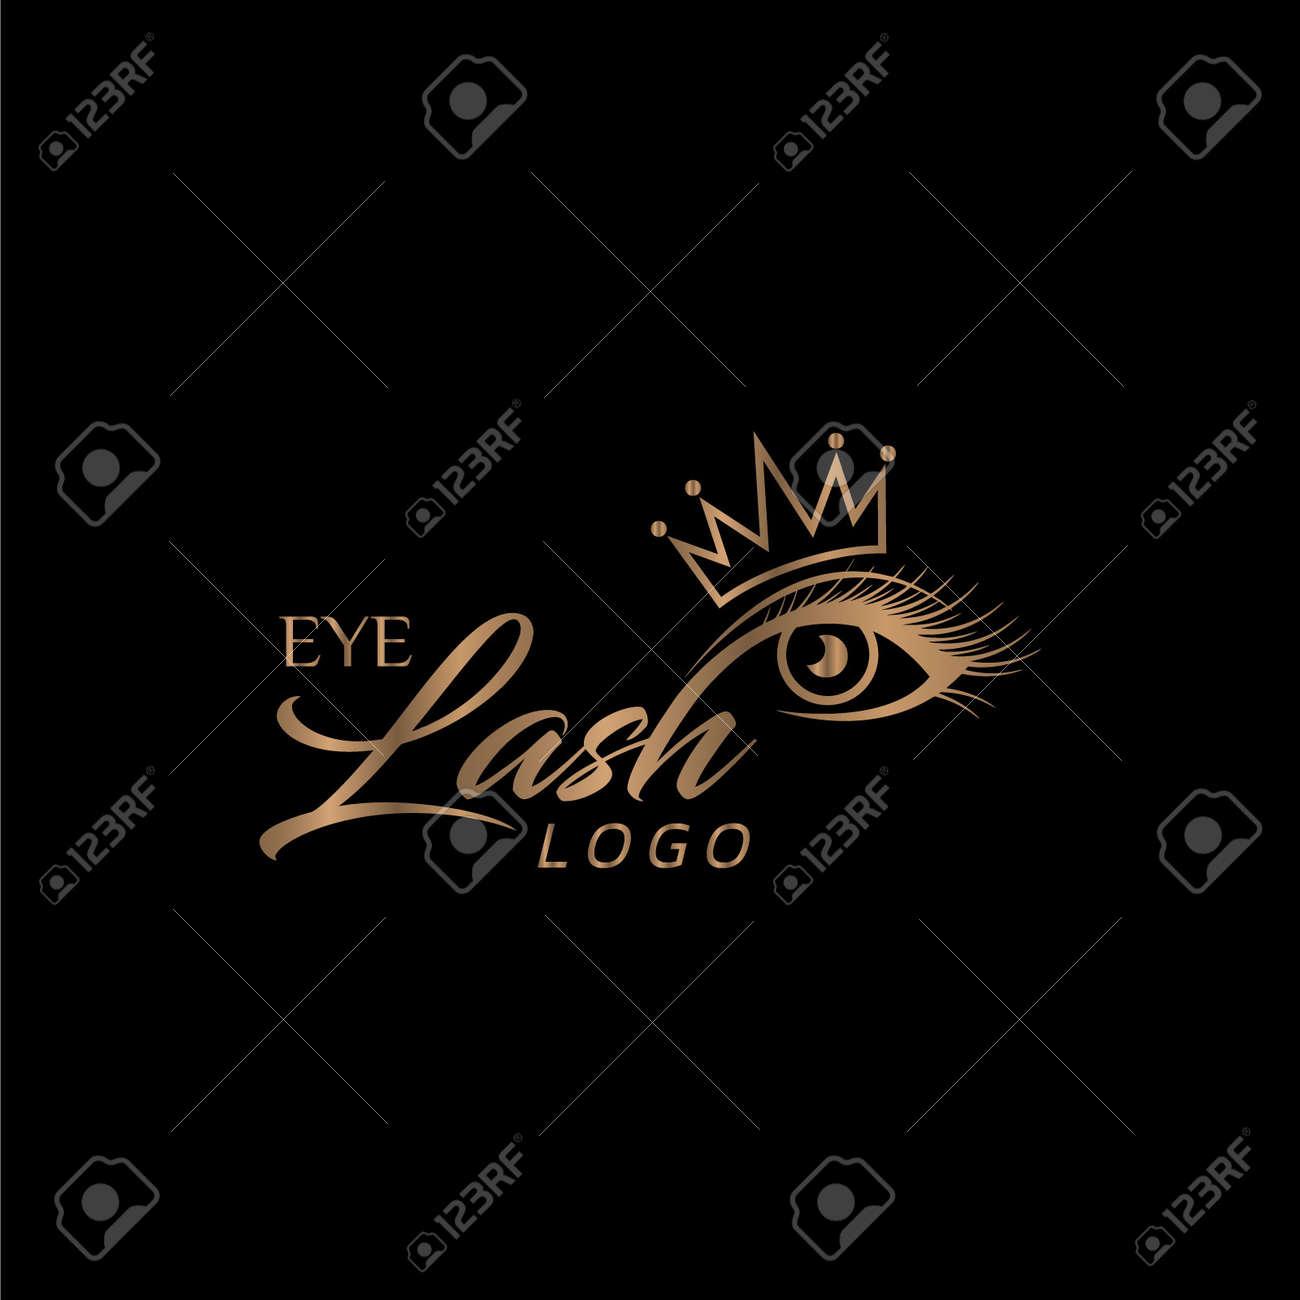 Eyelash Logo with Crown - 158656022